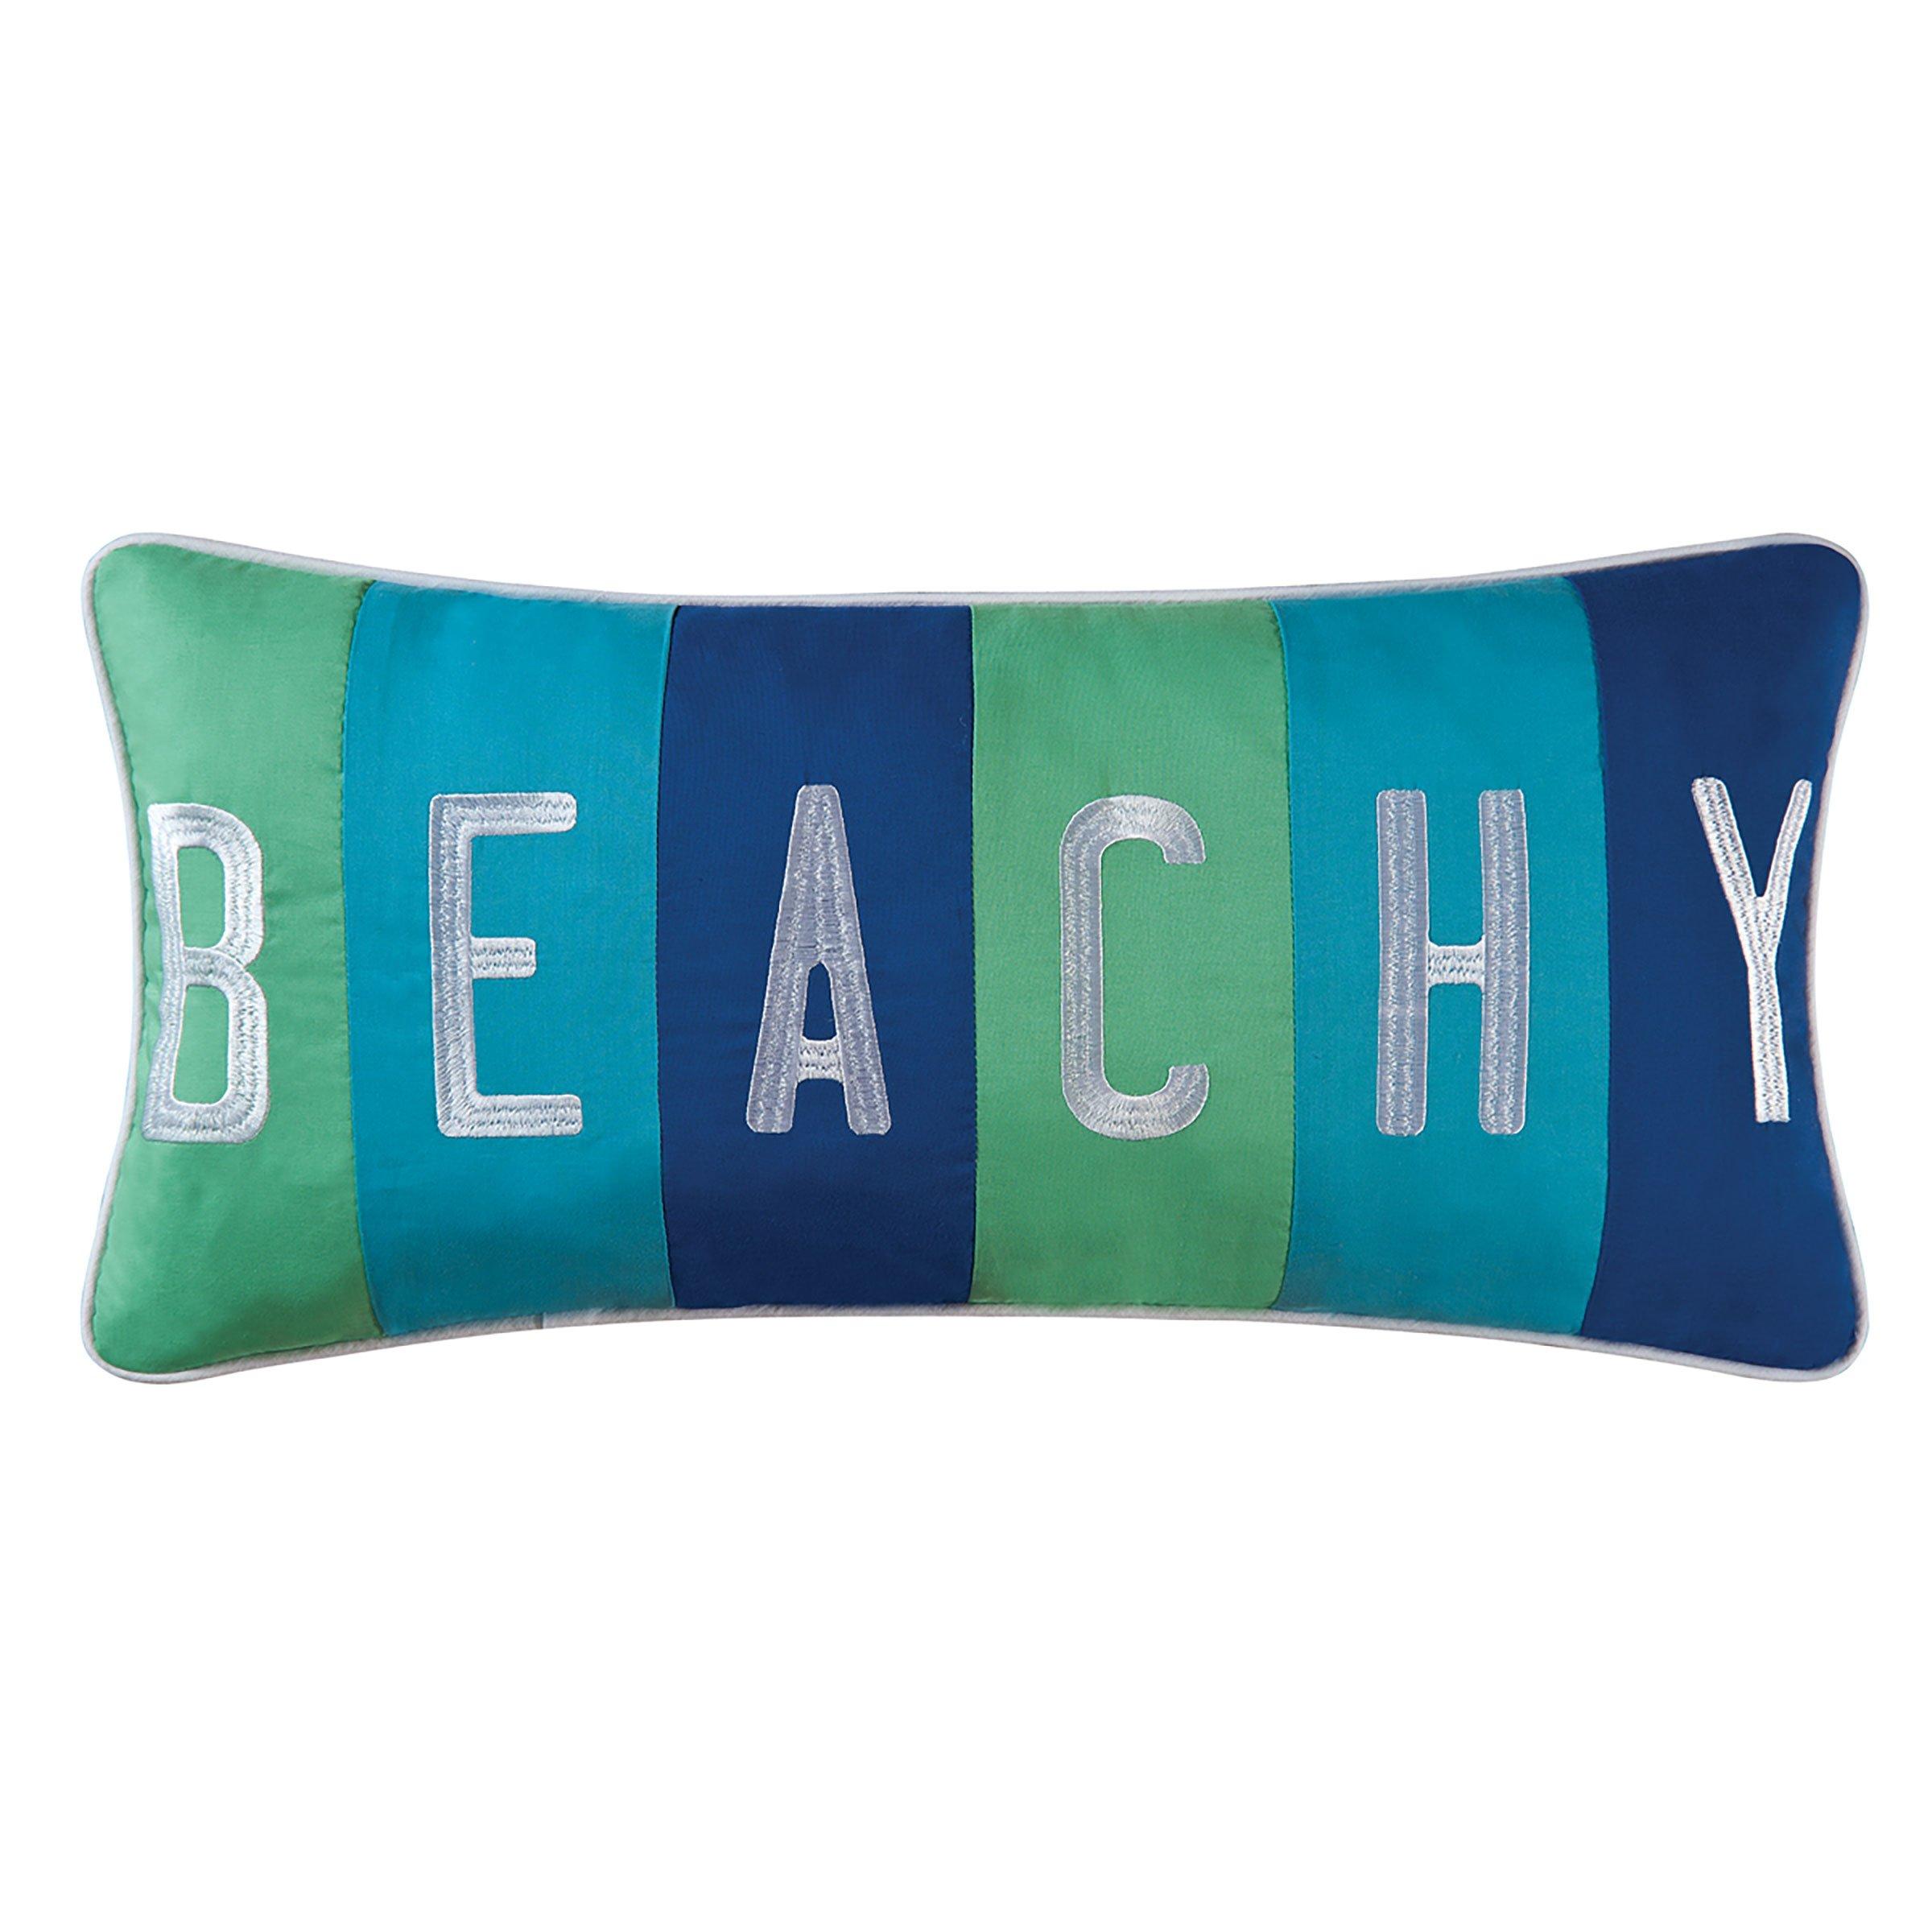 C&F Home, Imperial Coast Boudoir Beachy Pillow - Coastal/ Nautical Theme